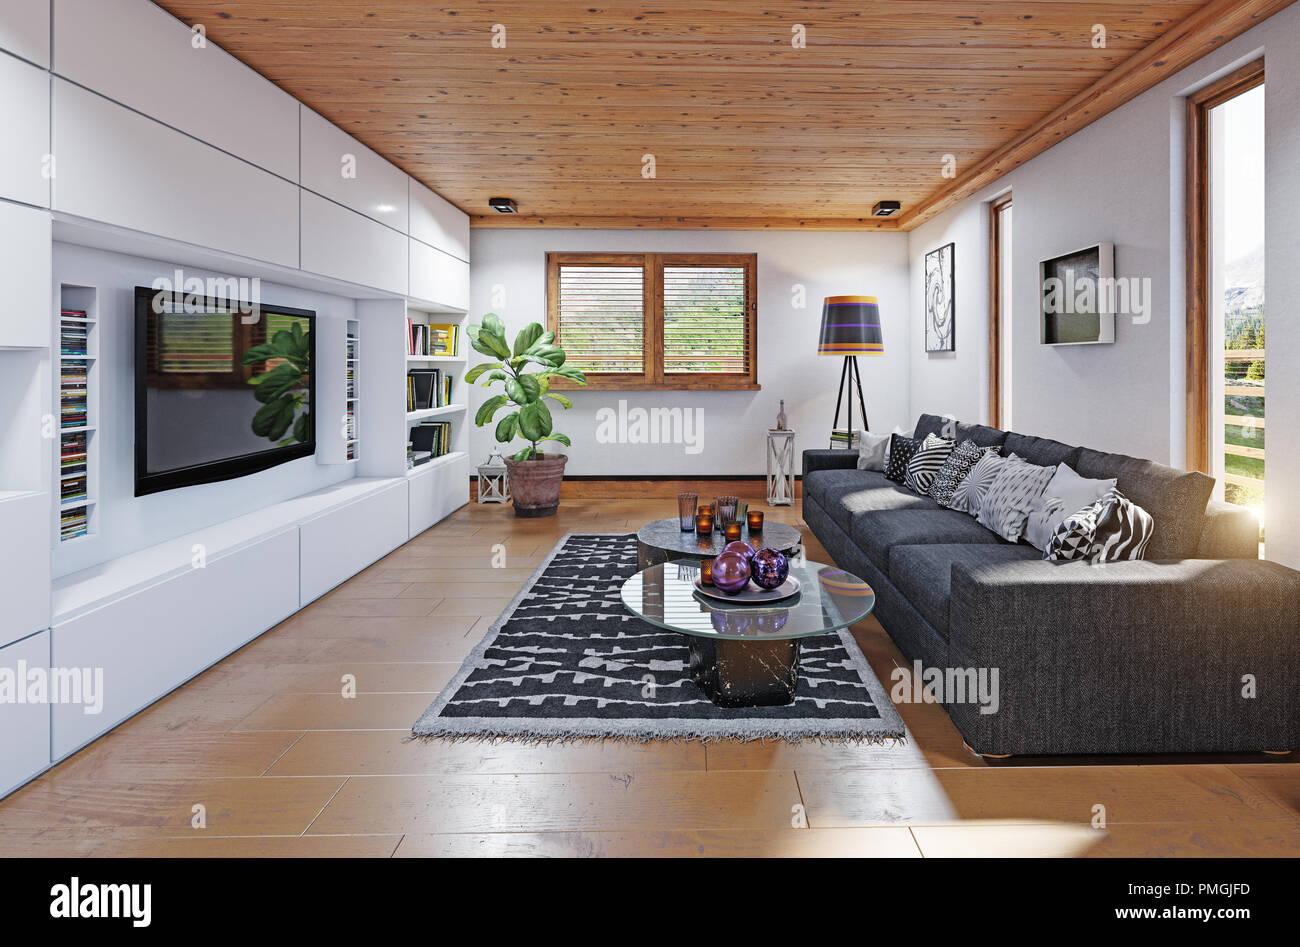 Chalet moderne salon intérieur. Le rendu 3D concept design Banque D ...